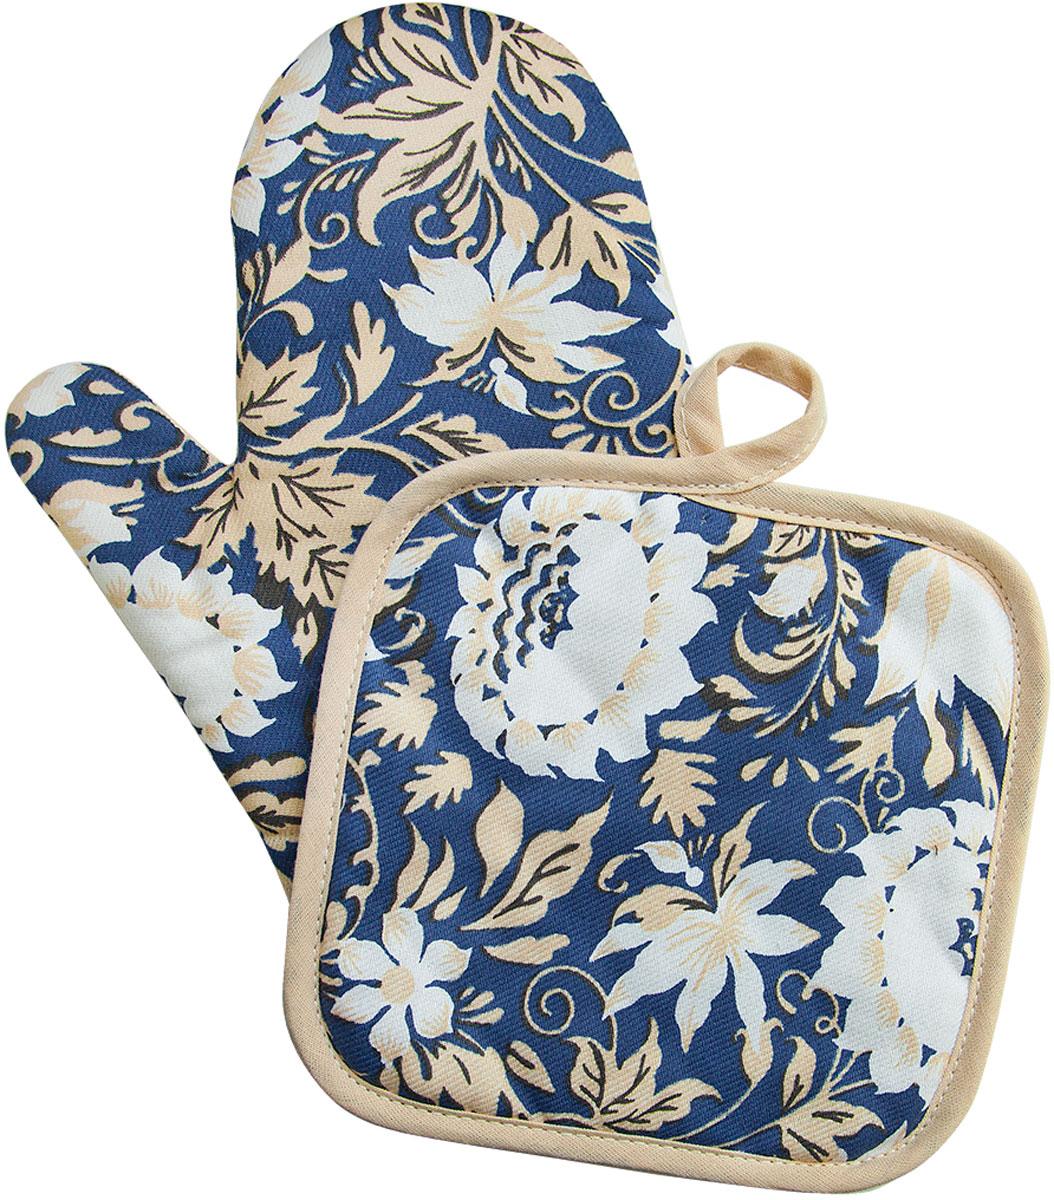 Набор прихваток Bonita Белые росы, 2 предмета11010816755Набор Bonita Белые росы состоит из прихватки-рукавицы и квадратной прихватки. Изделия выполнены из натурального хлопка и декорированы оригинальным рисунком. Прихватки простеганы, а края окантованы. Оснащены специальными петельками, за которые их можно подвесить на крючок в любом удобном для вас месте. Такой набор красиво дополнит интерьер кухни.